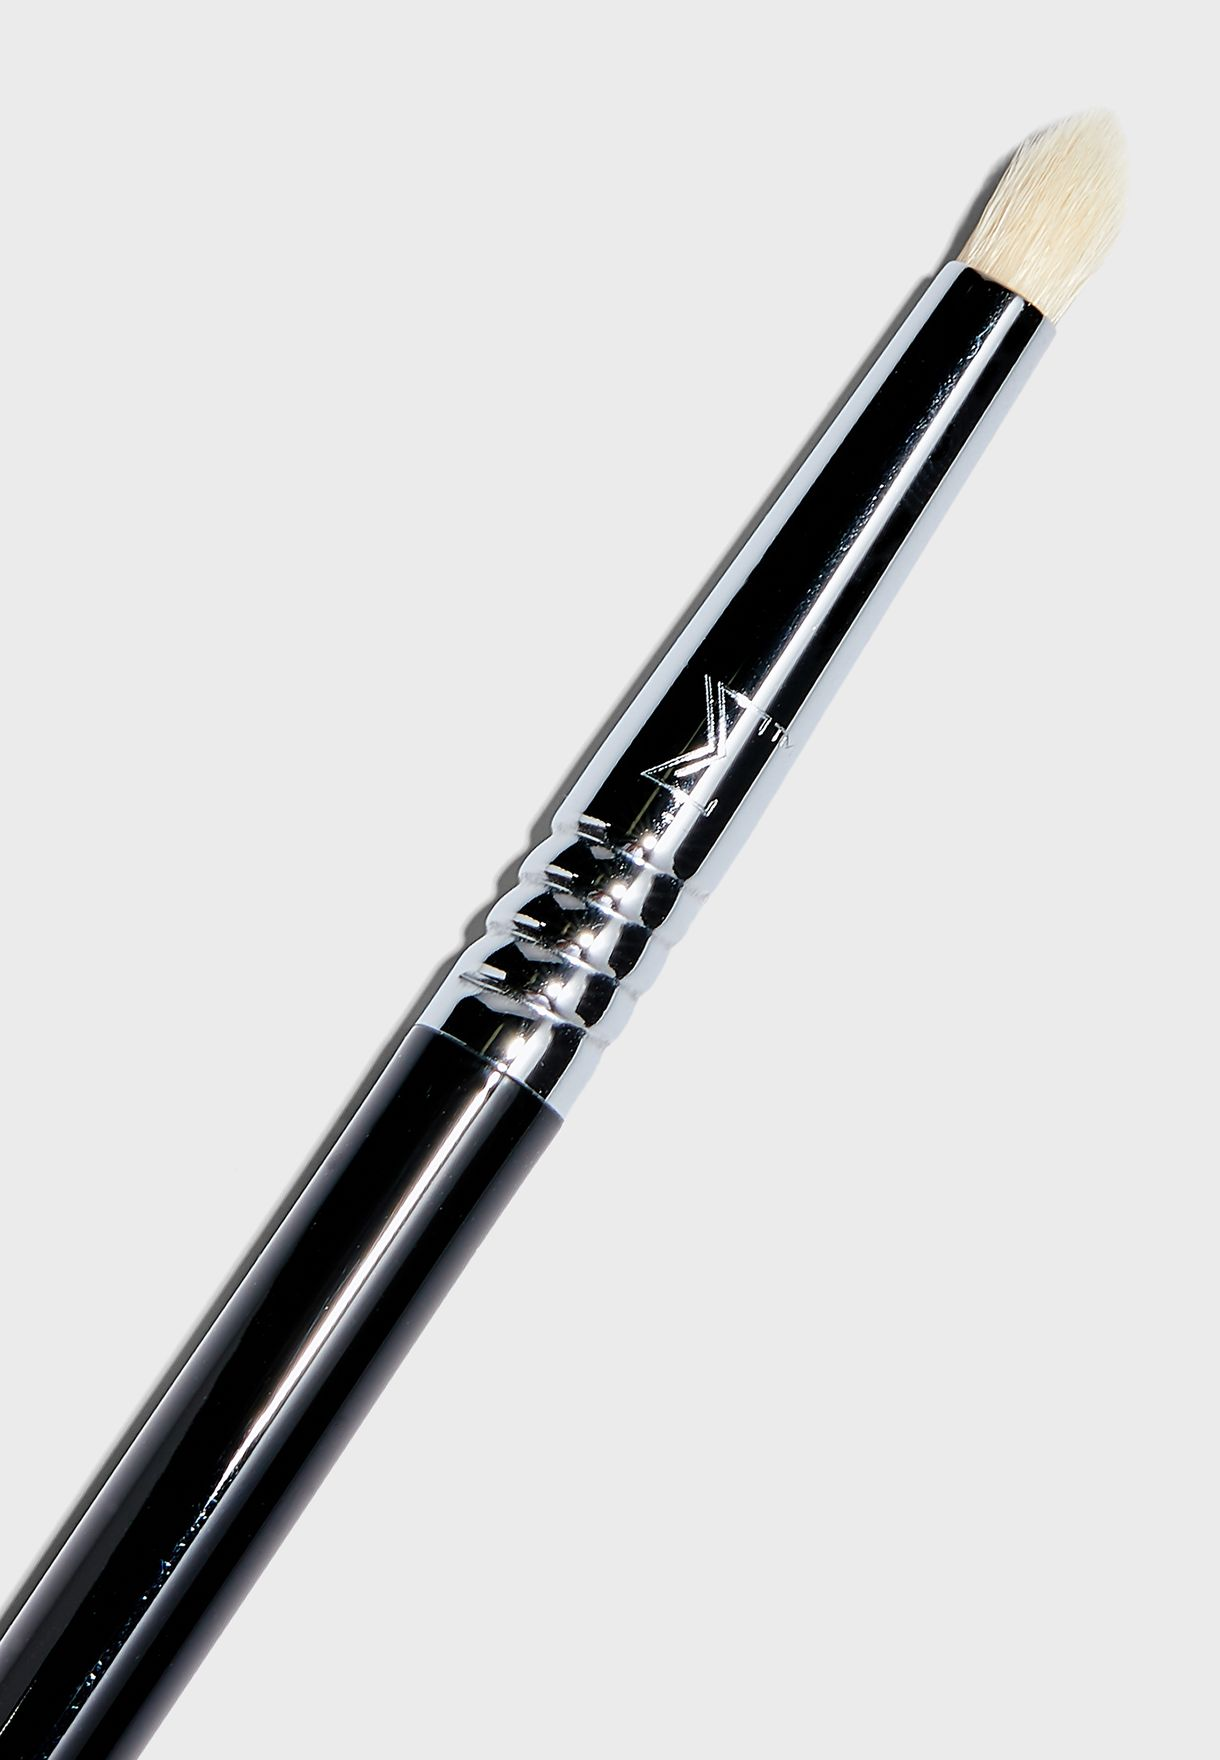 فرشاة قلم اي 30 سيغما